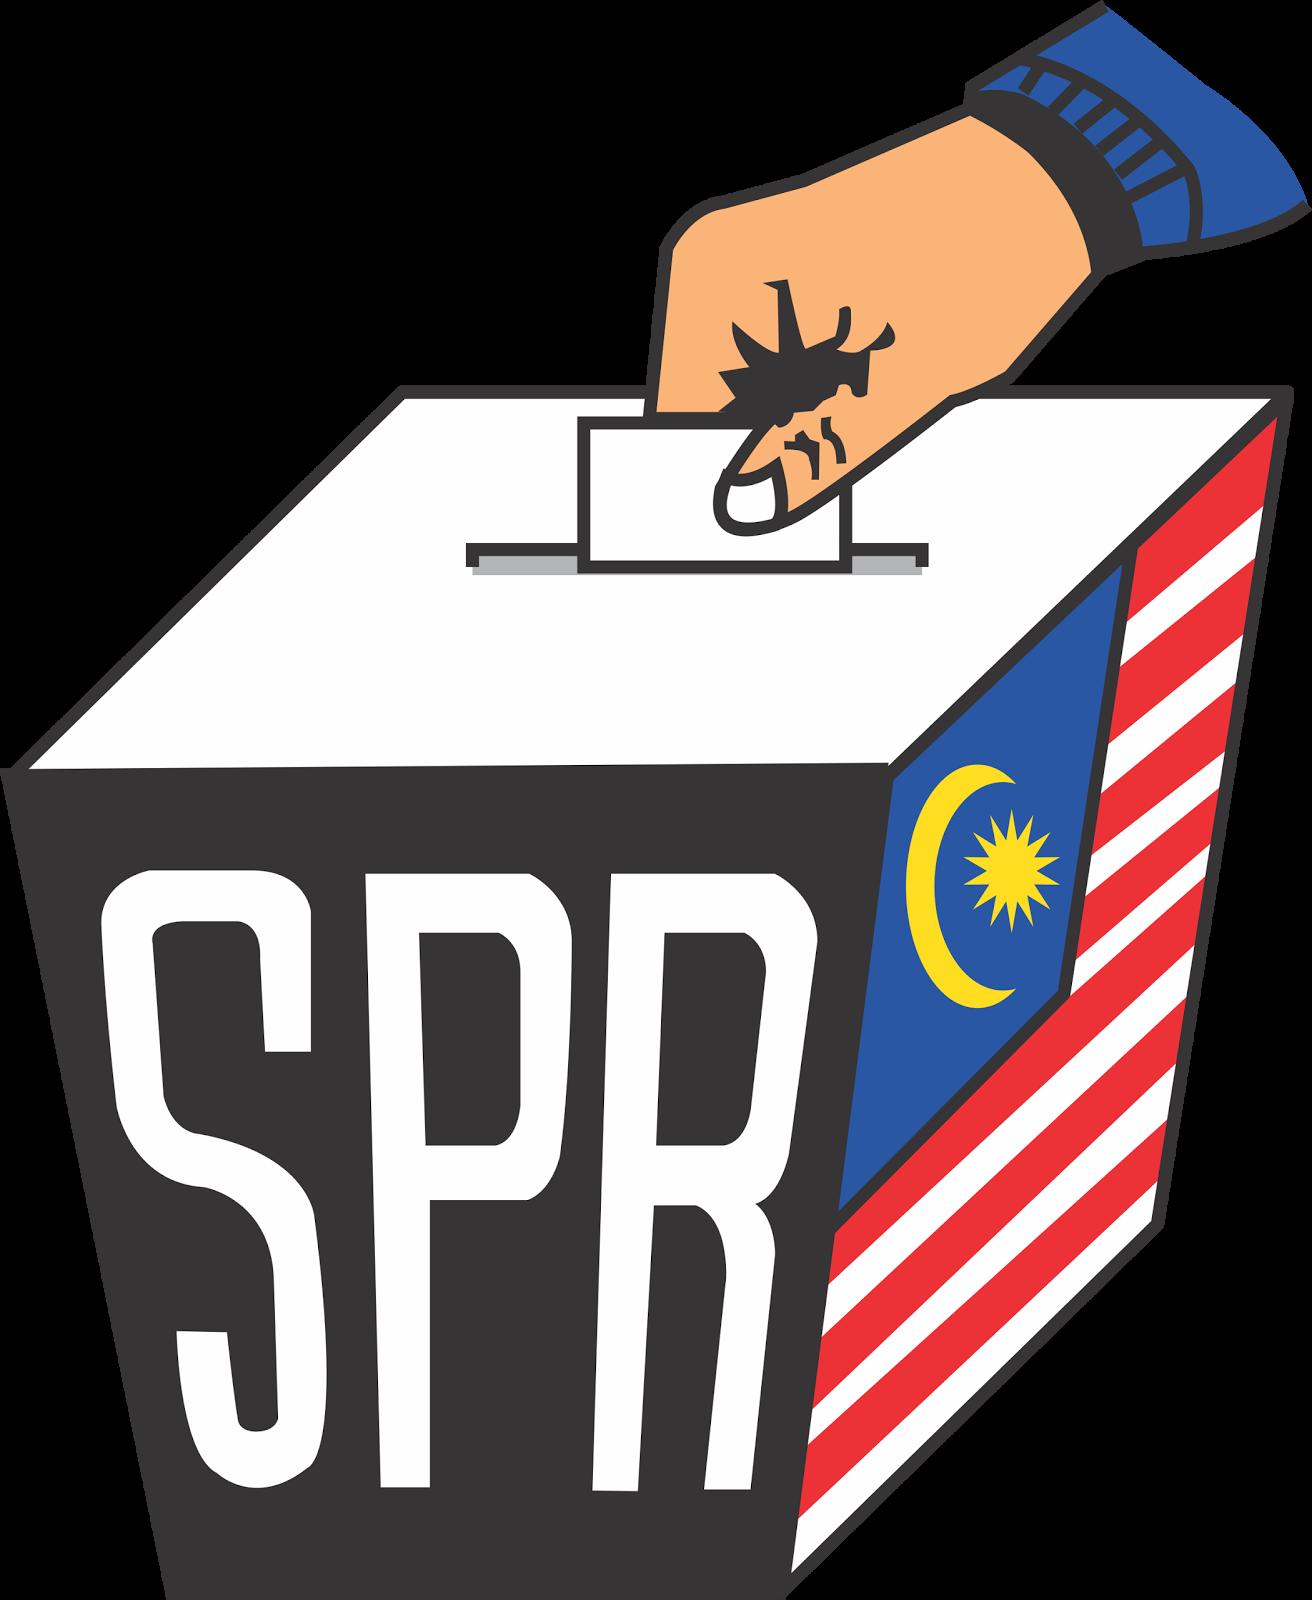 suruhanjaya pilihan raya  spr flag logo design flag logos and names